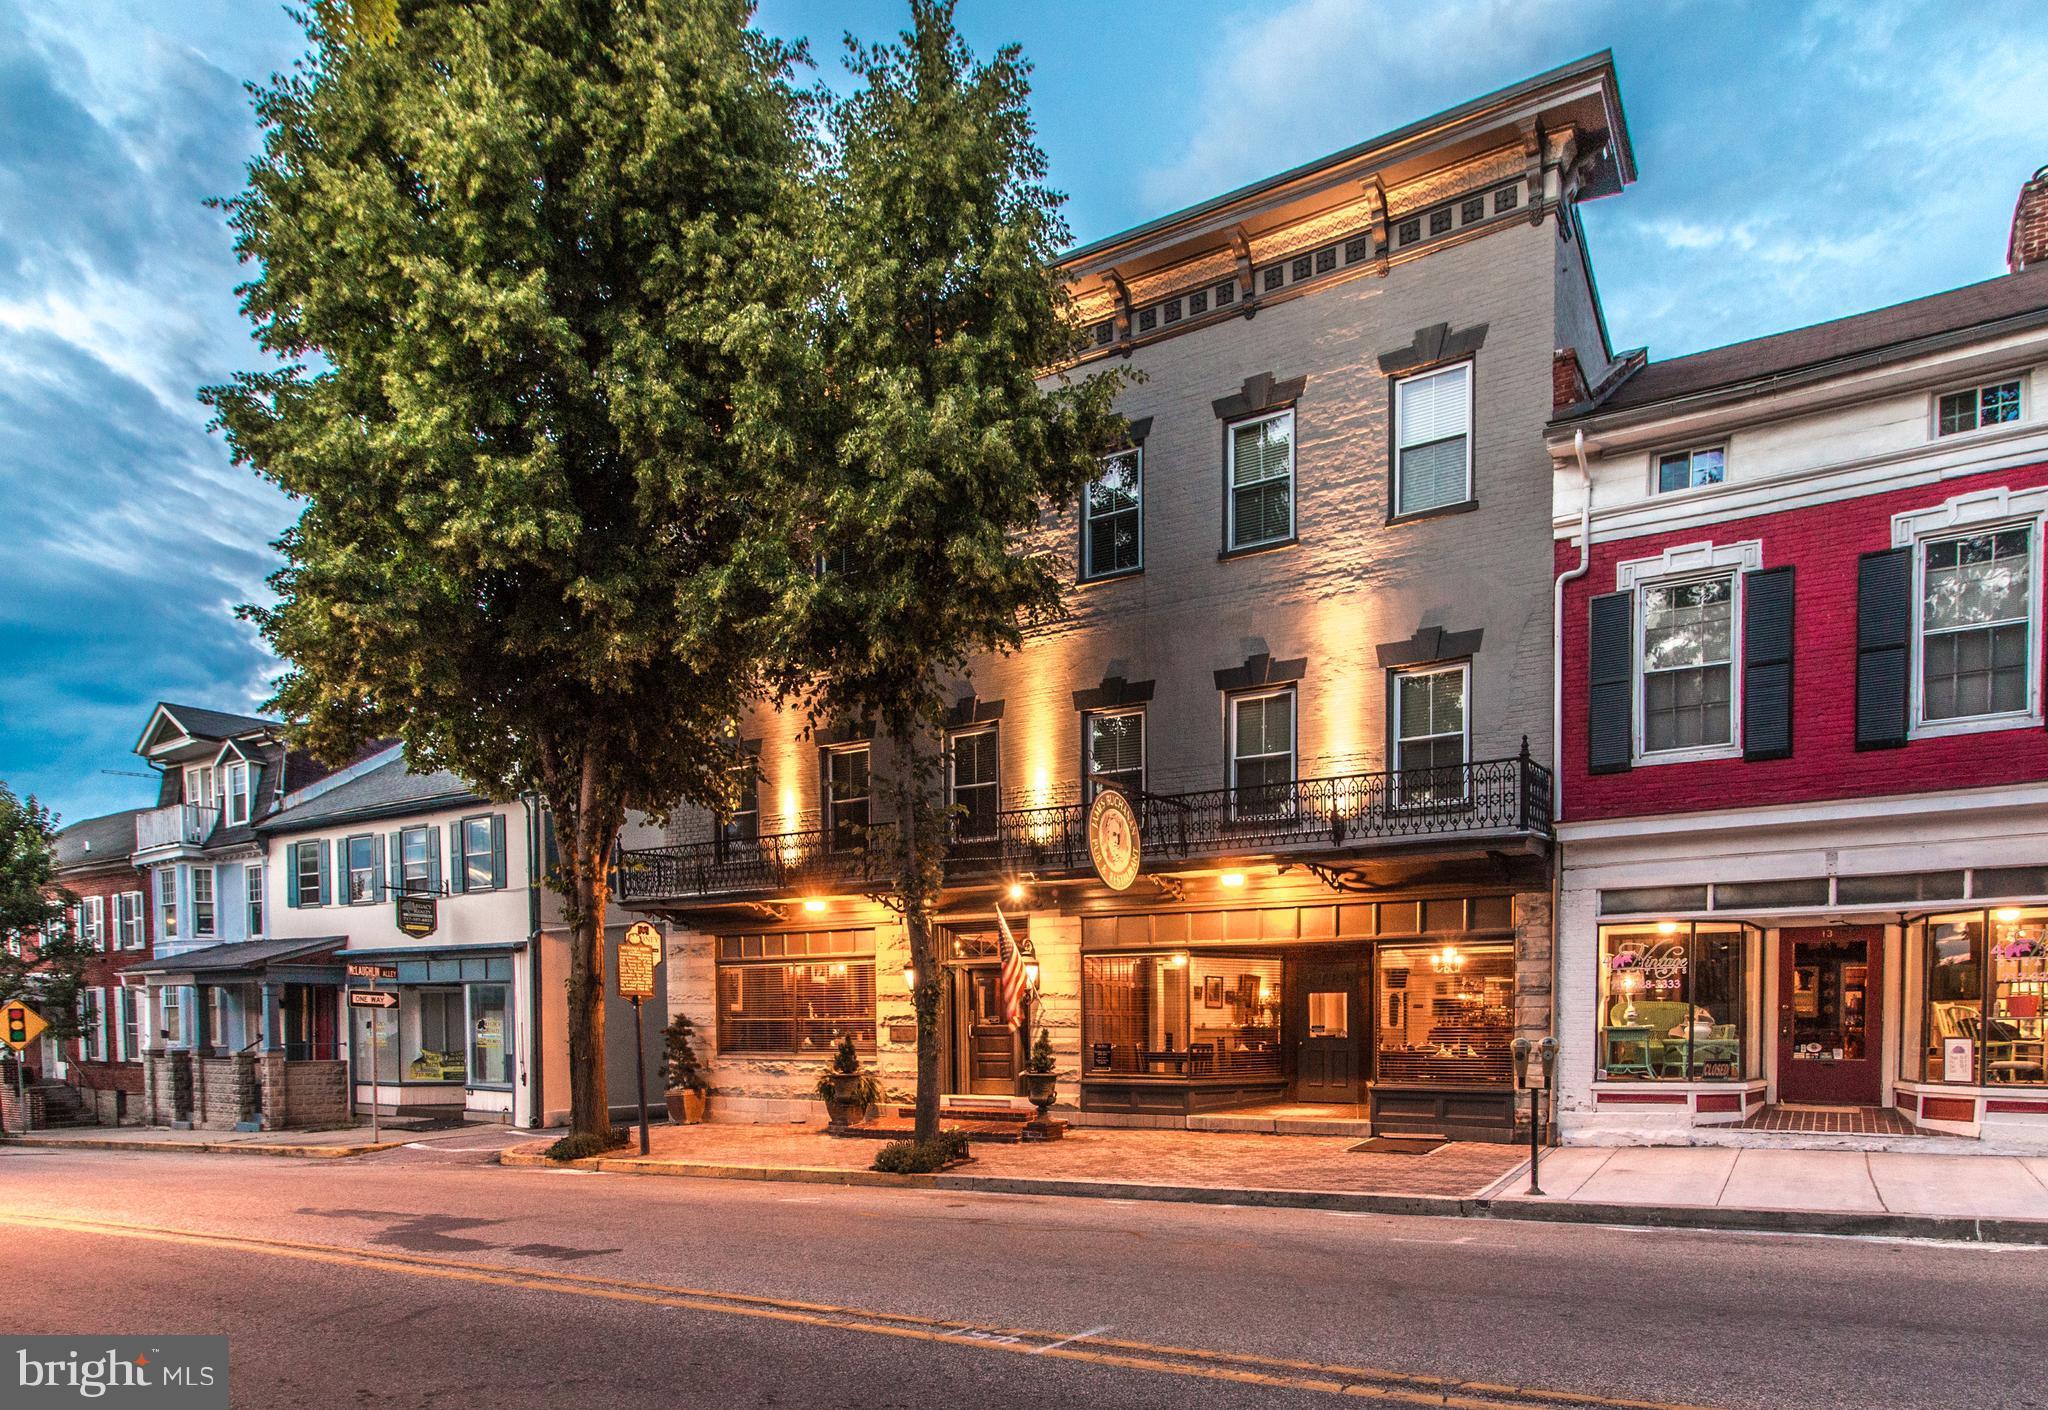 15 N MAIN STREET N, MERCERSBURG, PA 17236